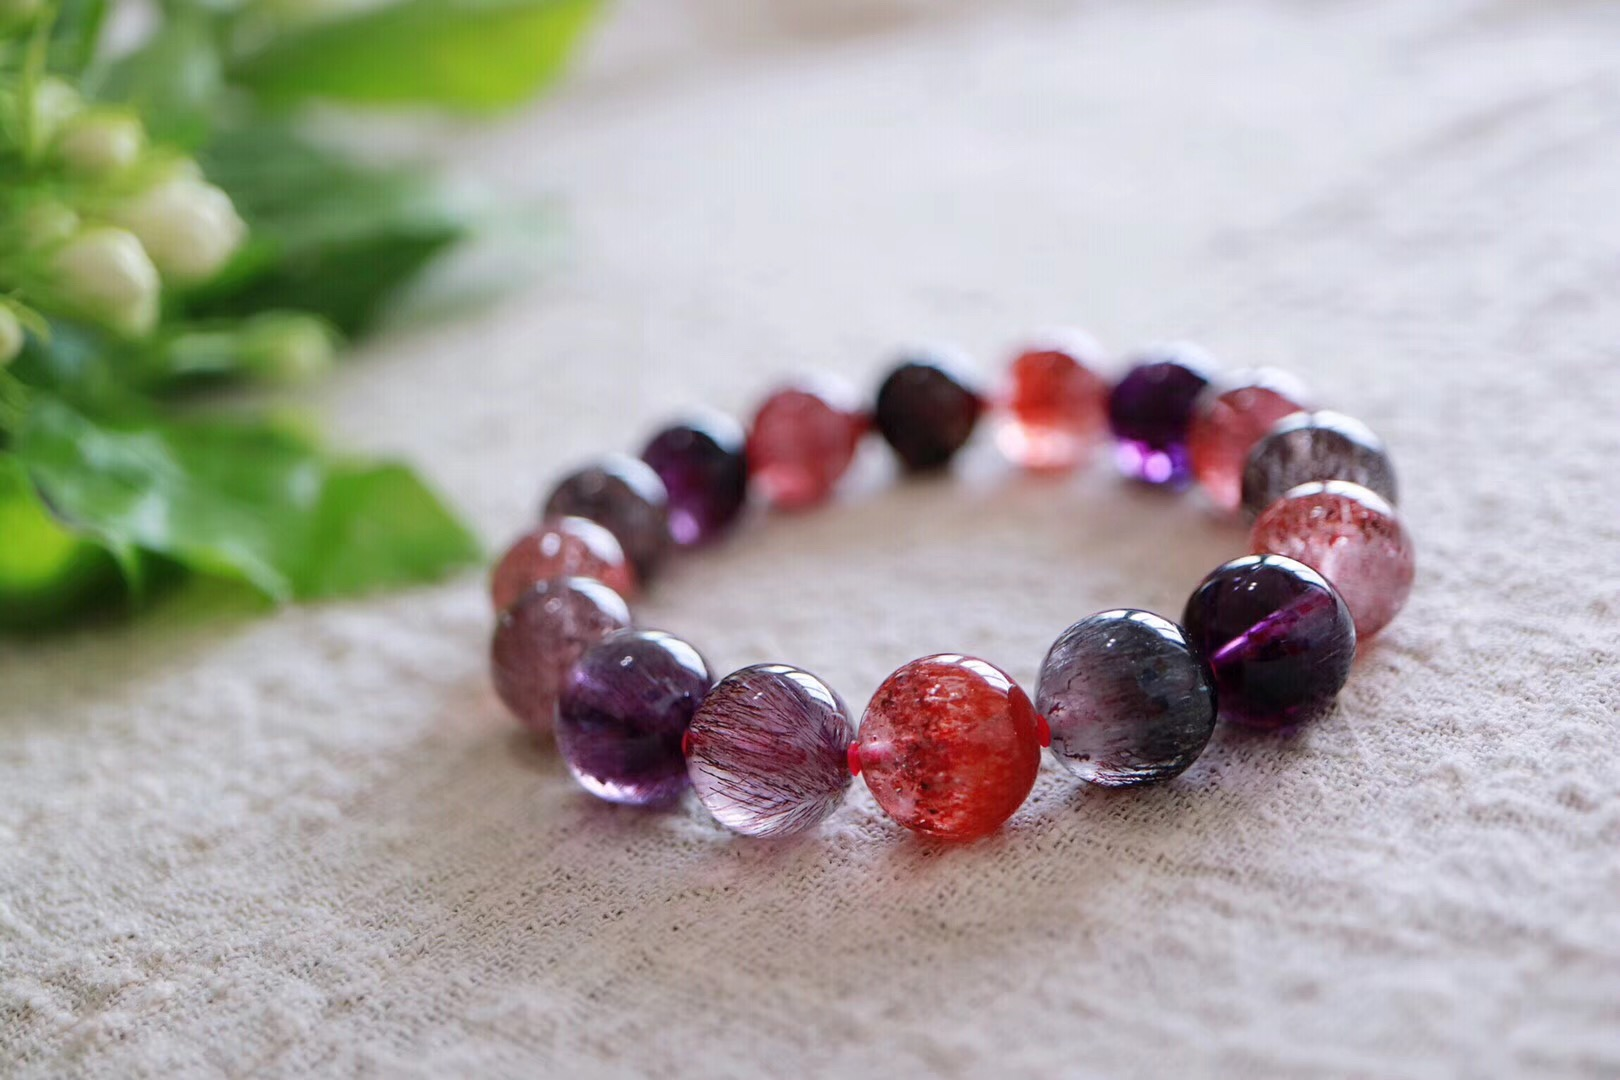 【菩心 | 超七紫发晶】浪漫且梦幻的紫发晶,沉淀物满满-菩心晶舍